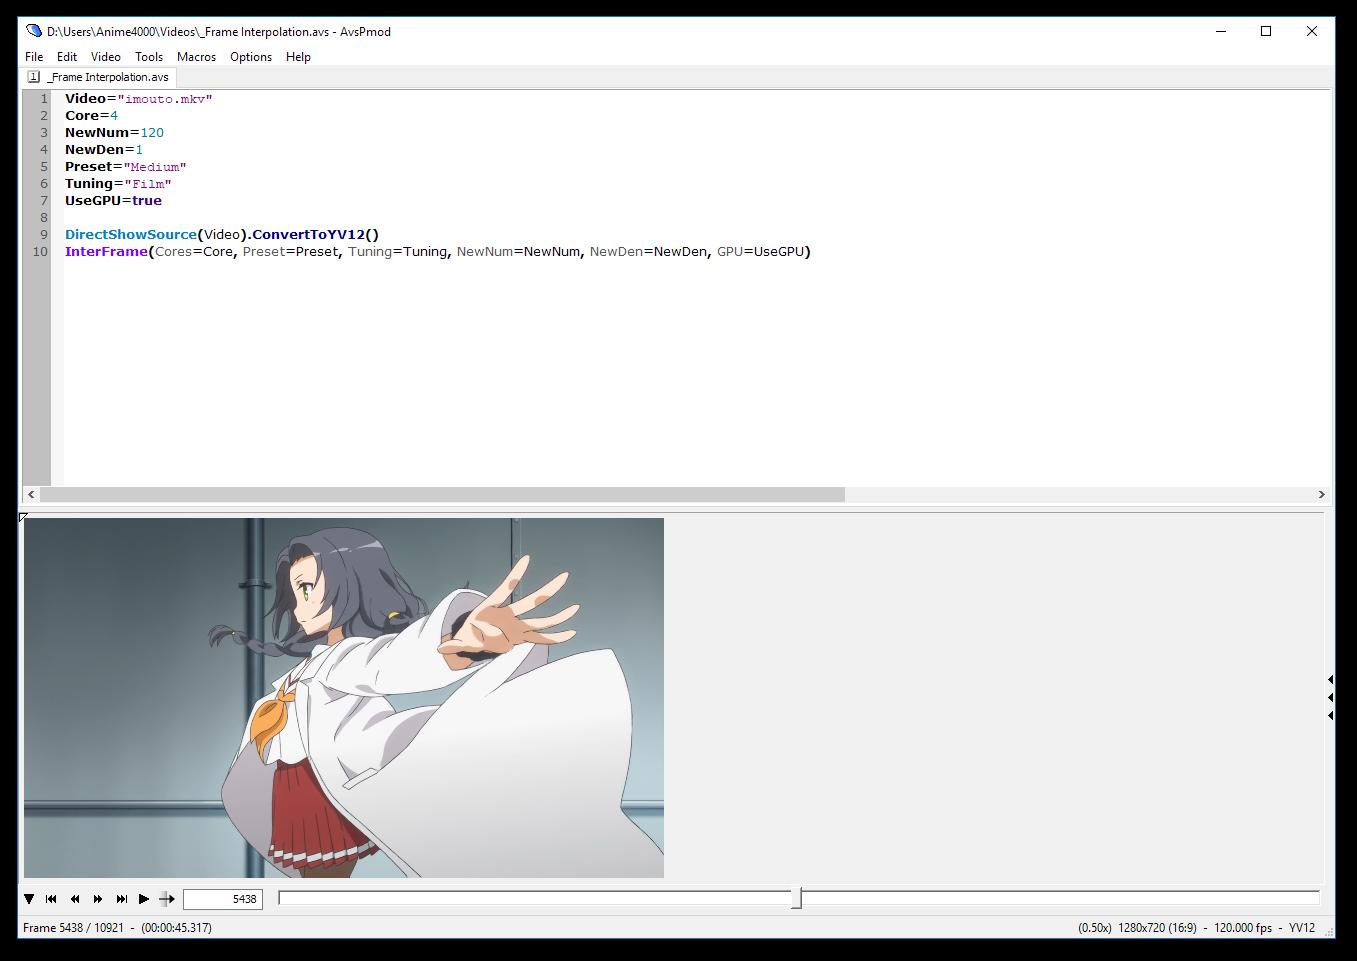 AviSynth Frame Interpolation · Anime4000/IFME Wiki · GitHub